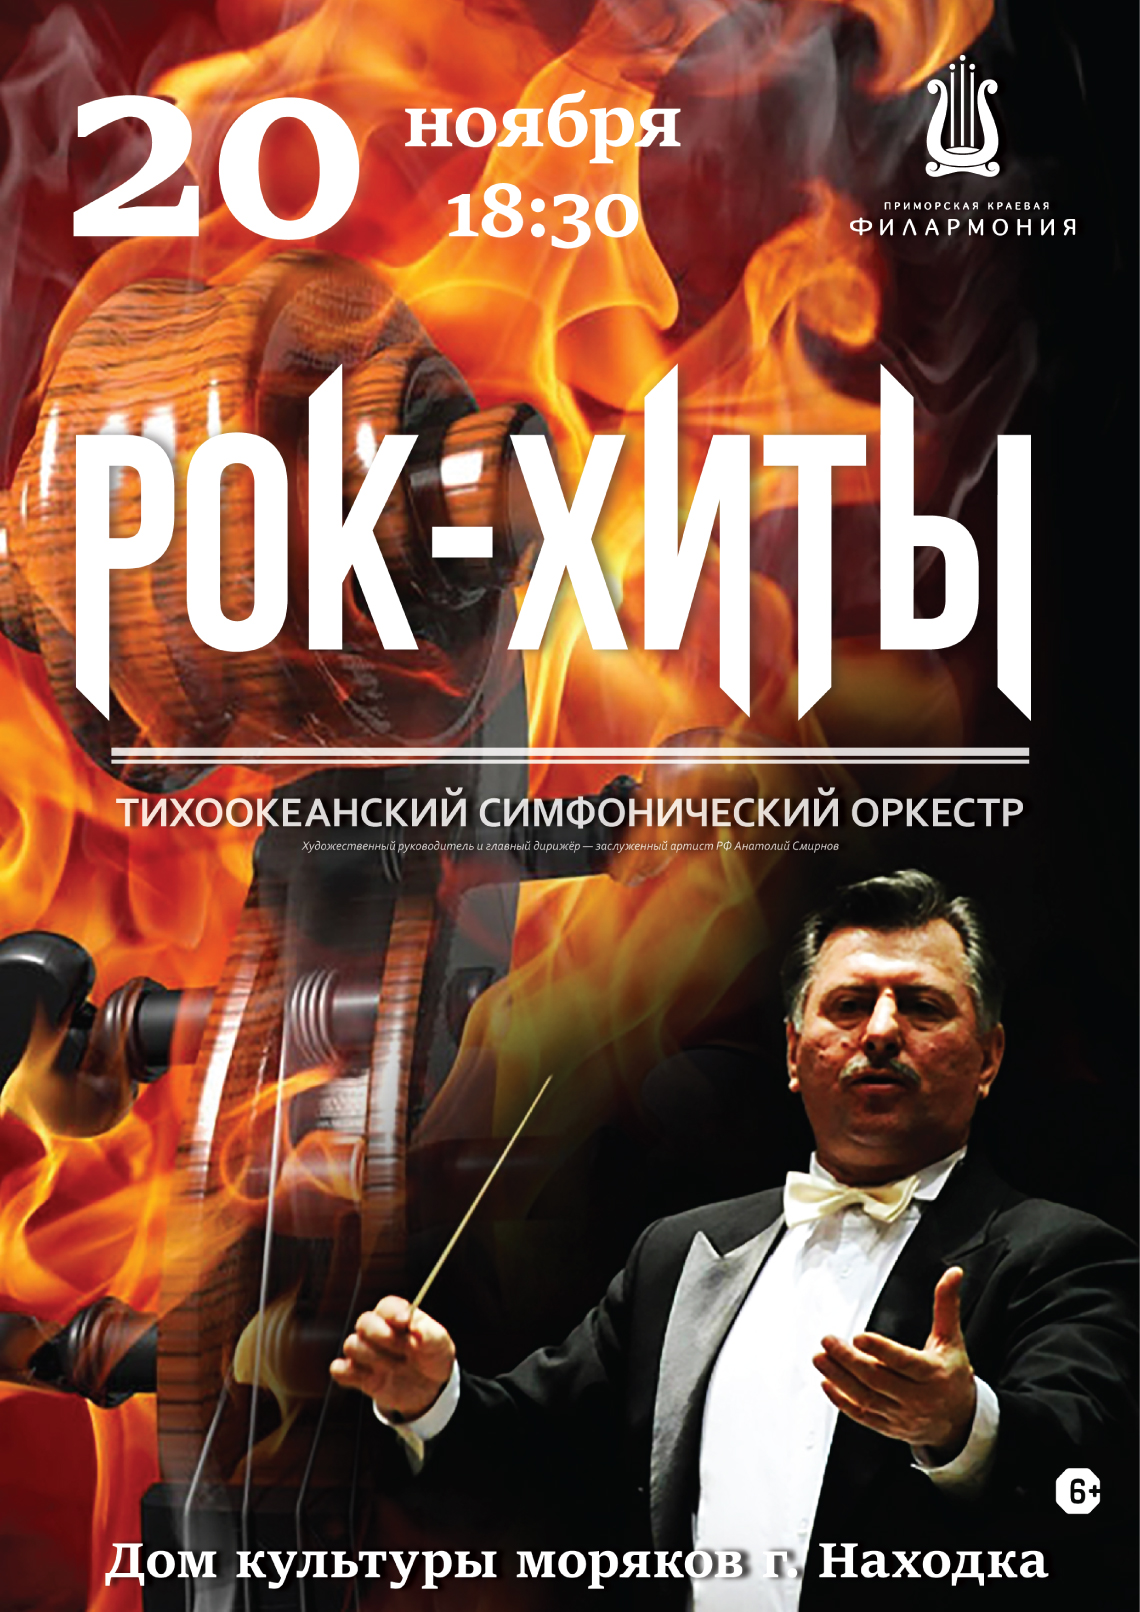 20 ноября Гастроли Концертная программа «Рок-Хиты» Тихоокеанский симфонический оркестр